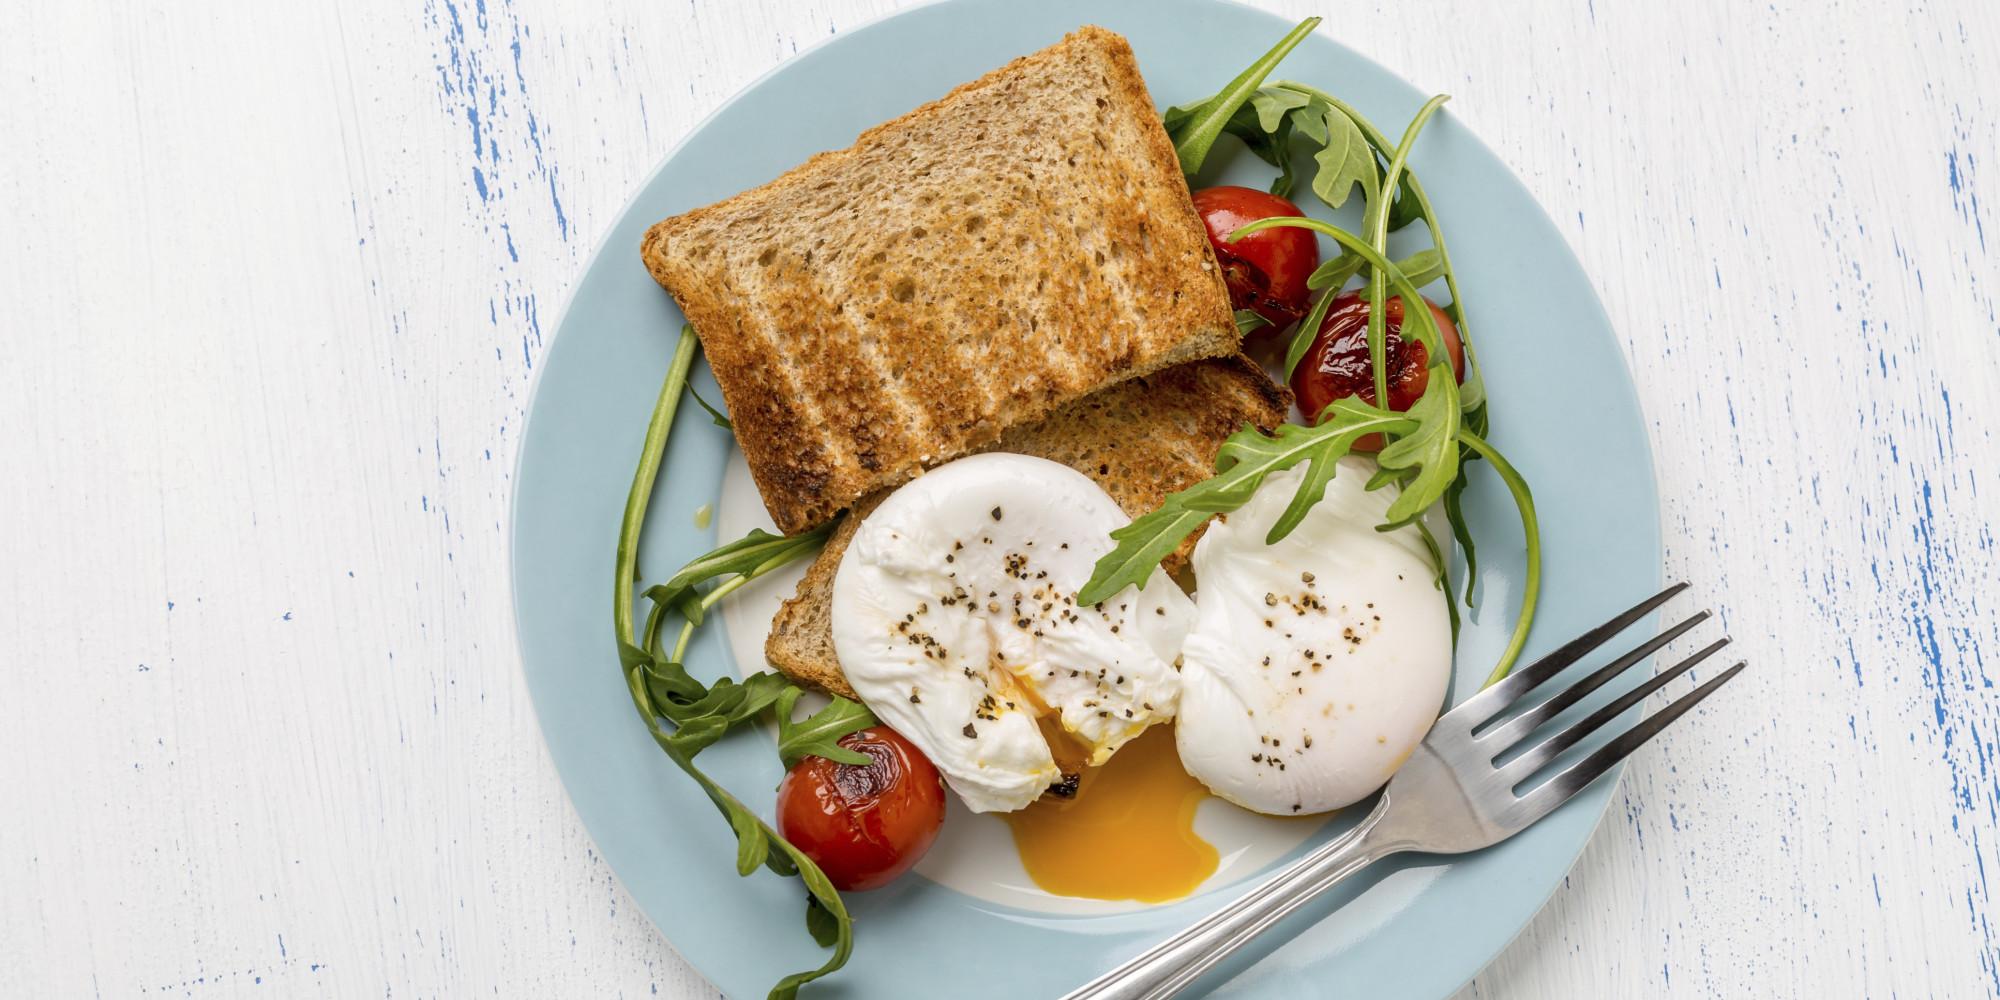 O breakfast week facebook